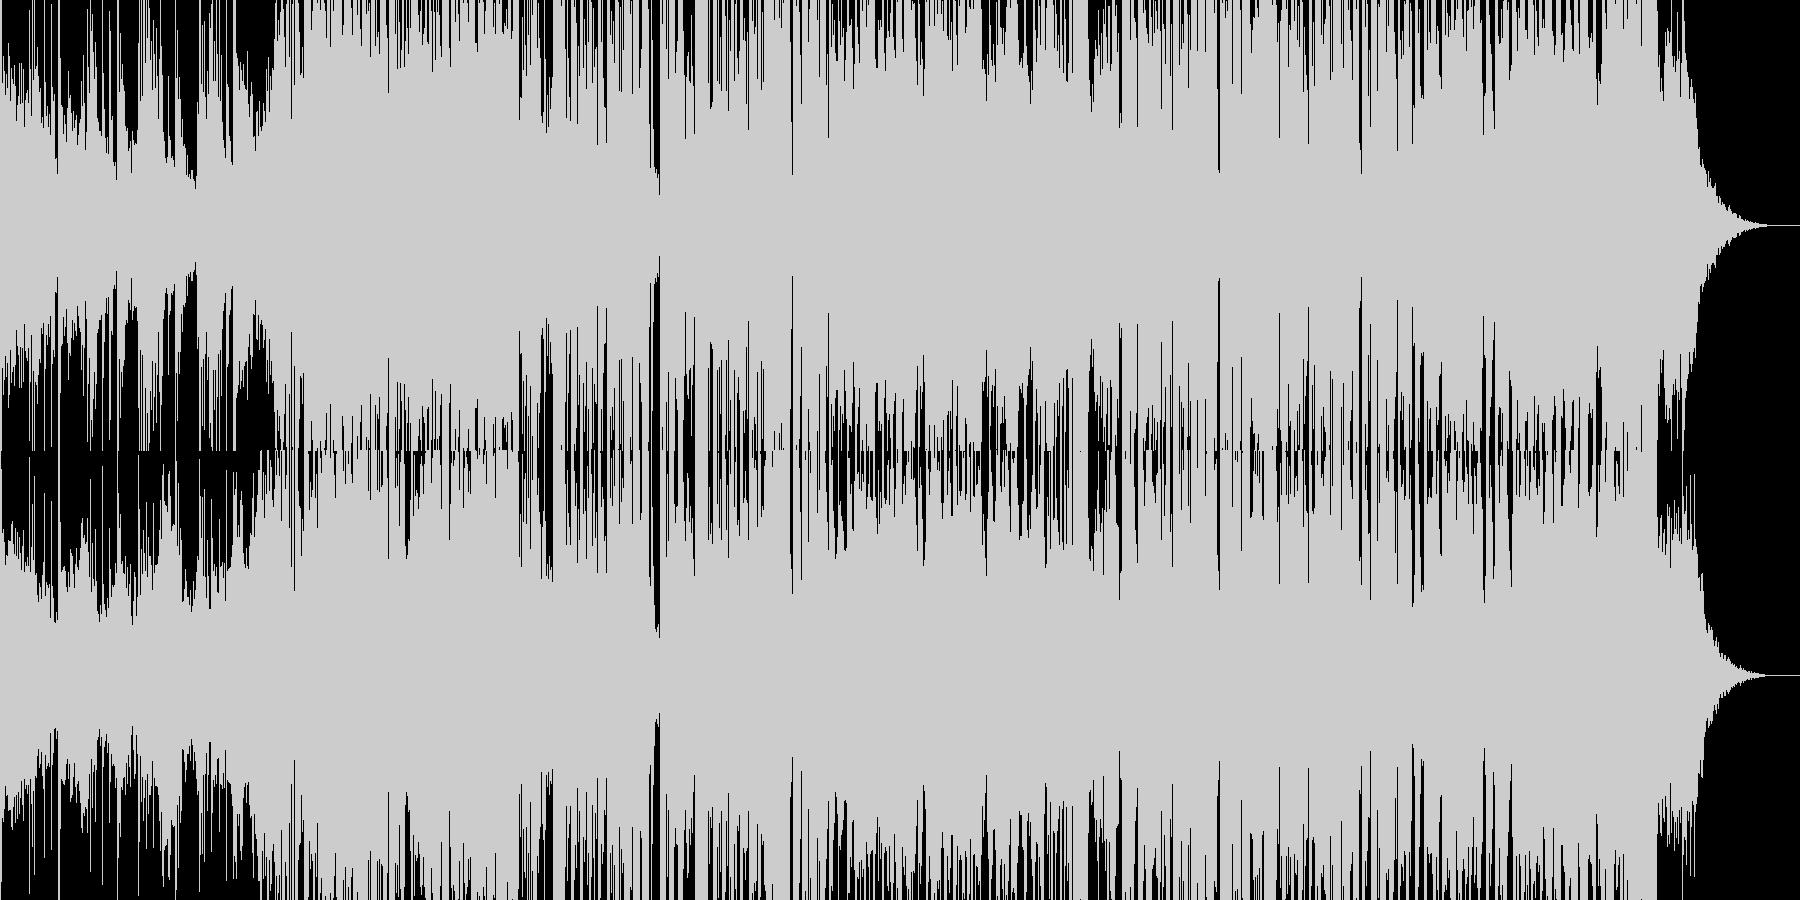 花火がテーマのエレクトロ|場面展開有りの未再生の波形